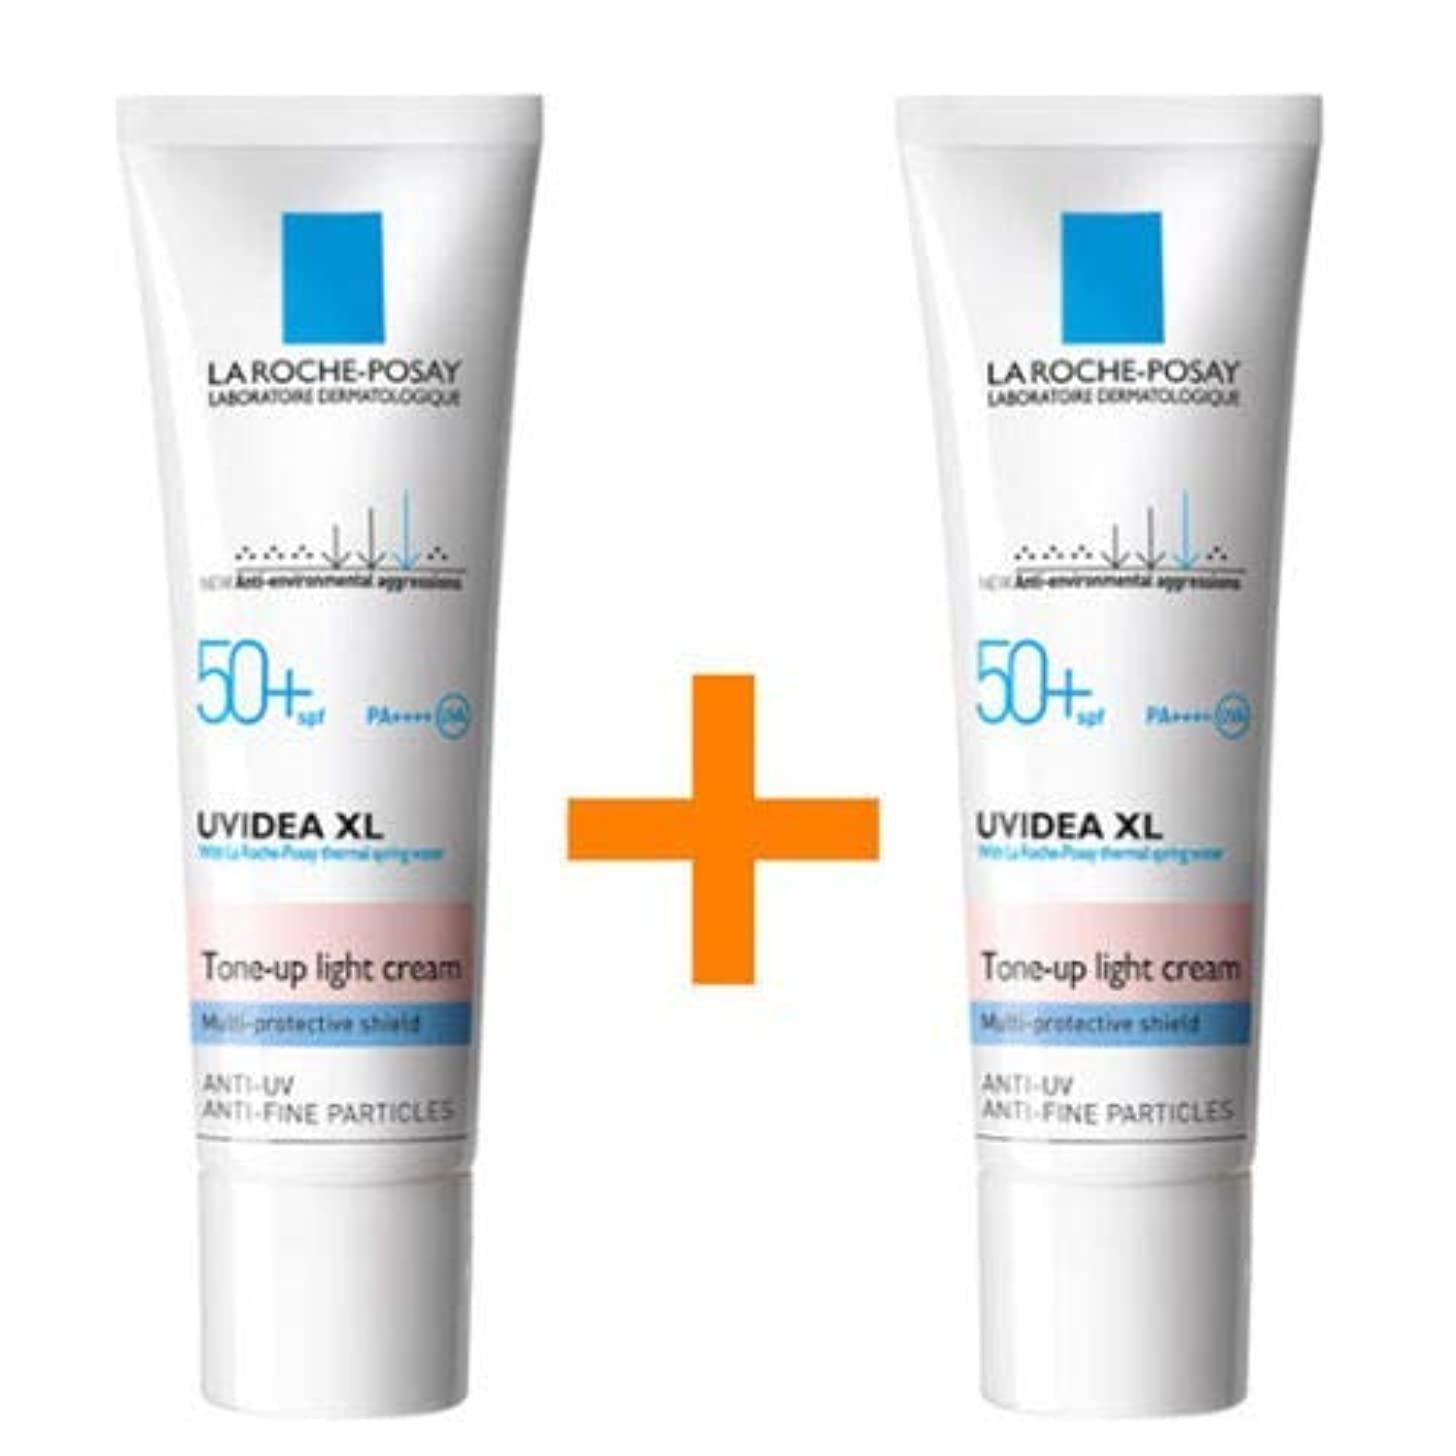 口述するハーネス公式[ 1 + 1 ] La Roche-Posay ラロッシュポゼ UVイデア XL プロテクショントーンアップ Uvidea XL Tone-up Light Cream (30ml)